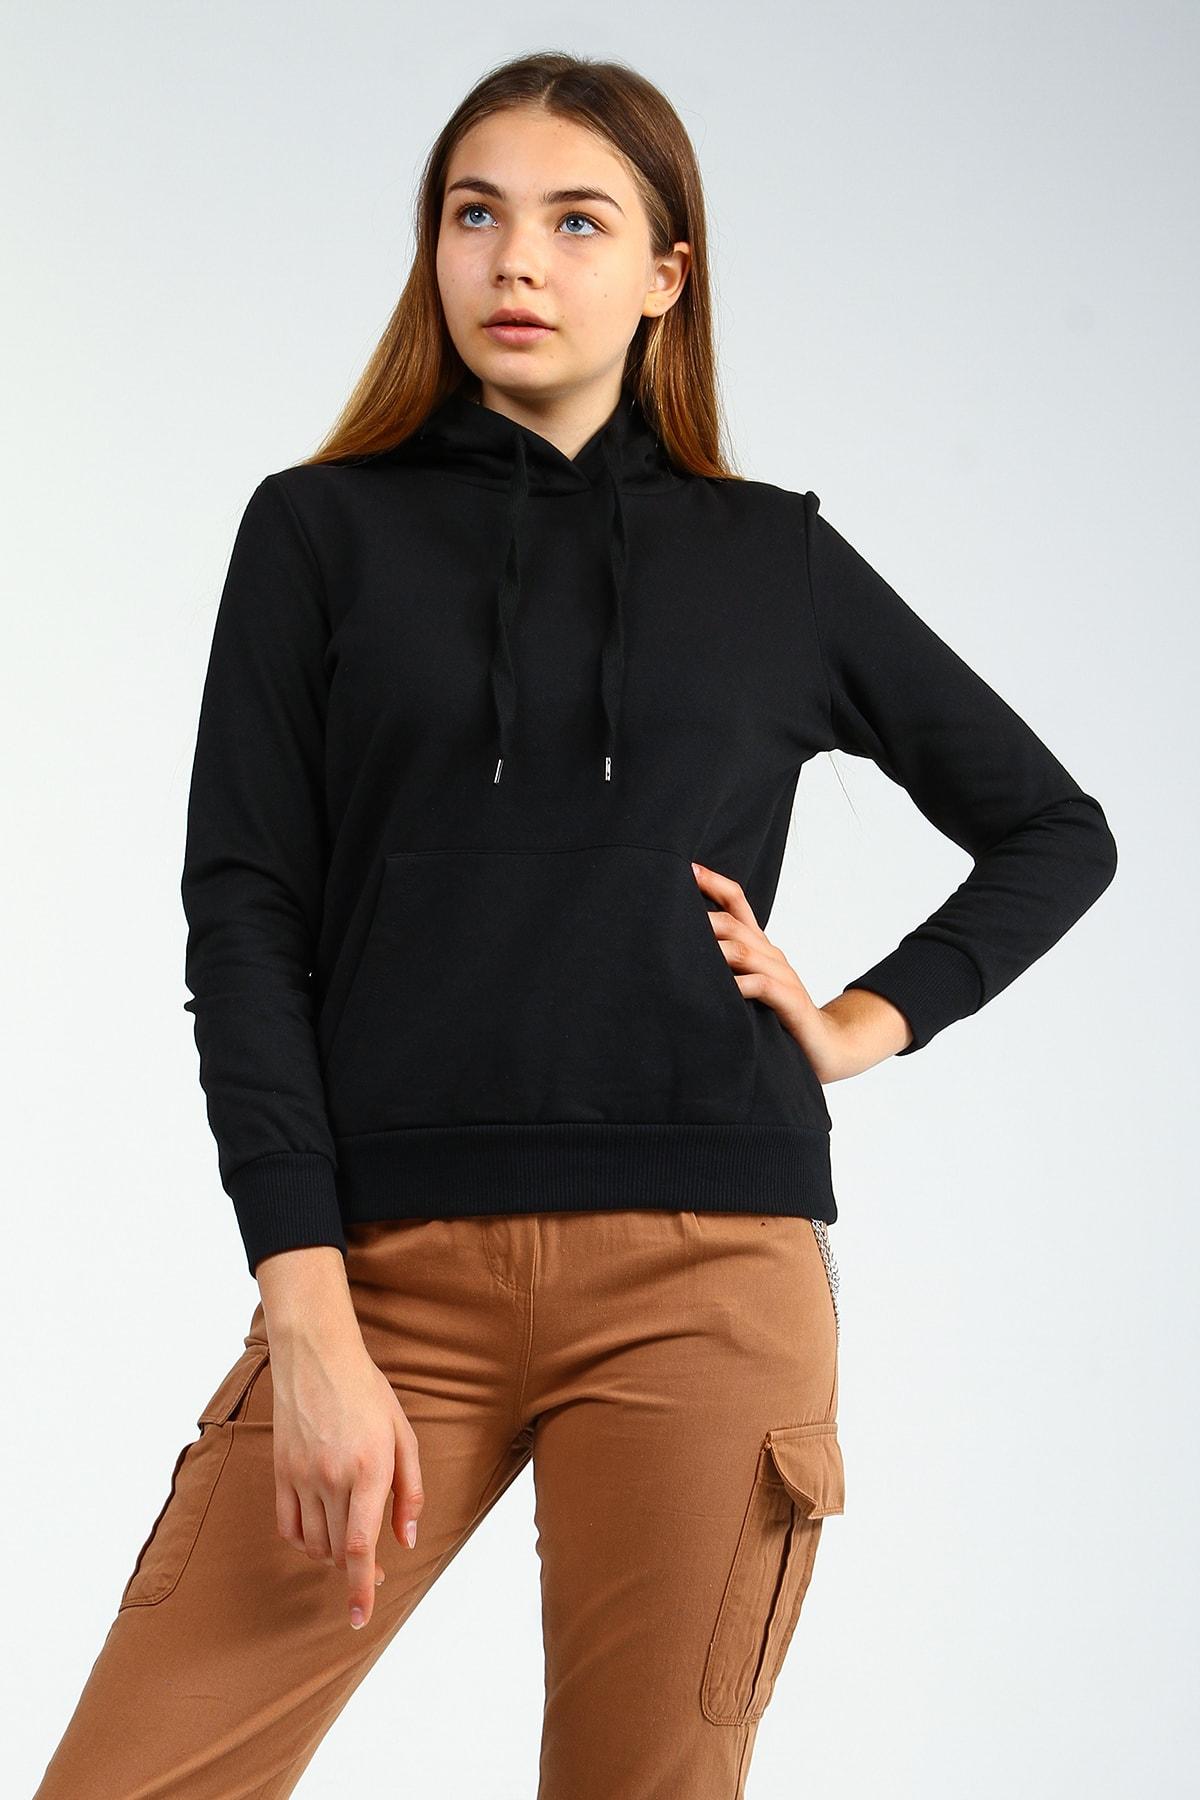 Collezione Siyah Kapişonlu Ön Cepli Uzun Kollu Kadın Sweatshirt 1